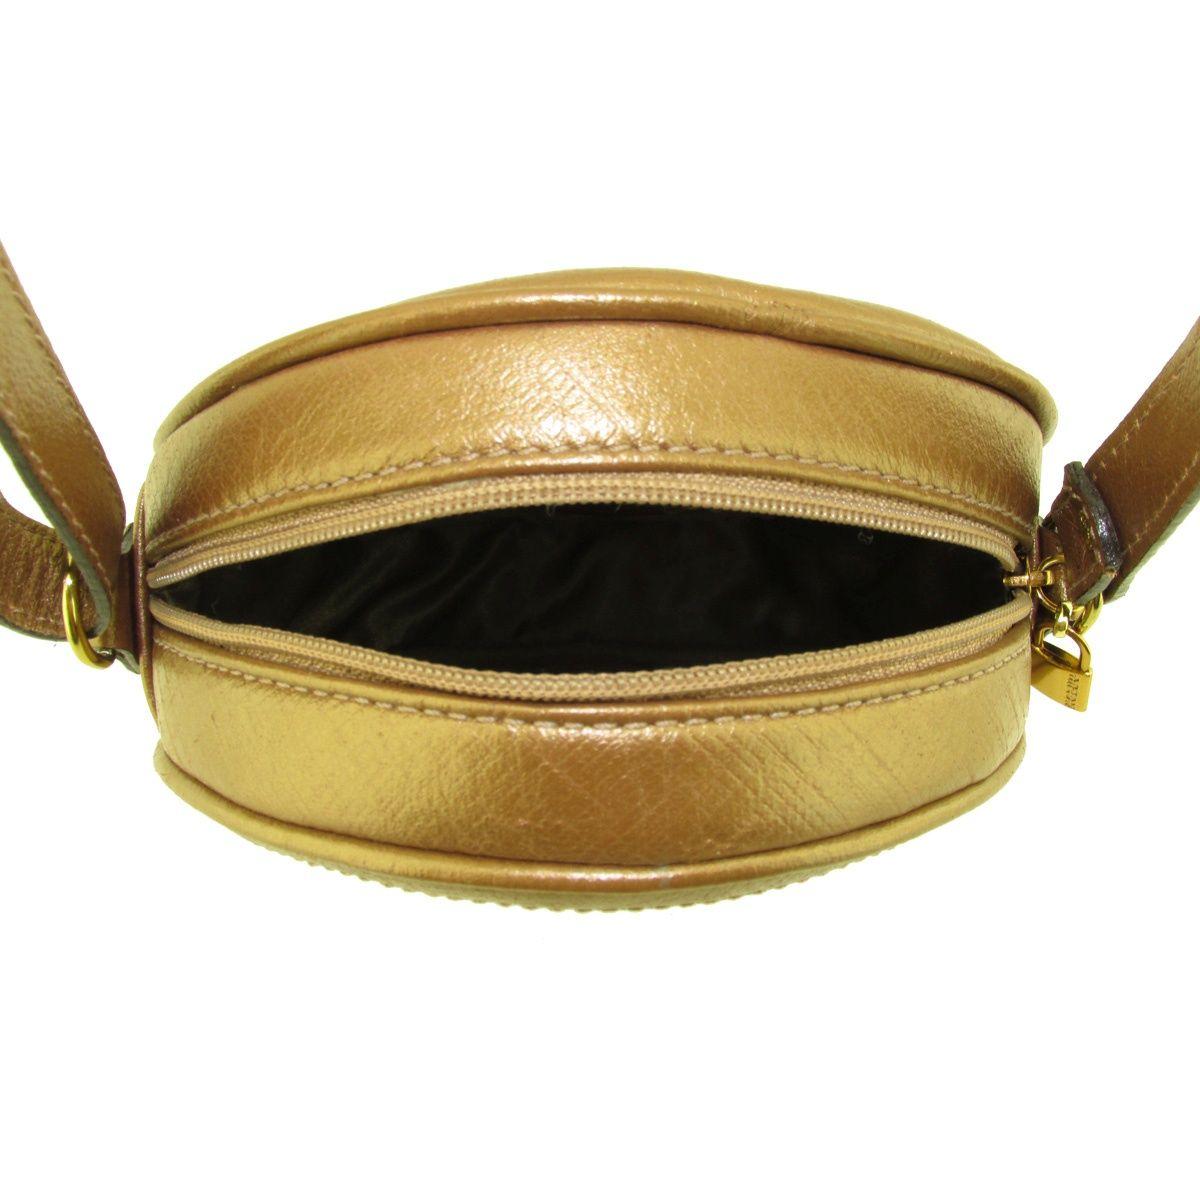 Bolsa Dourada Look : Bolsa feminina redonda dourada